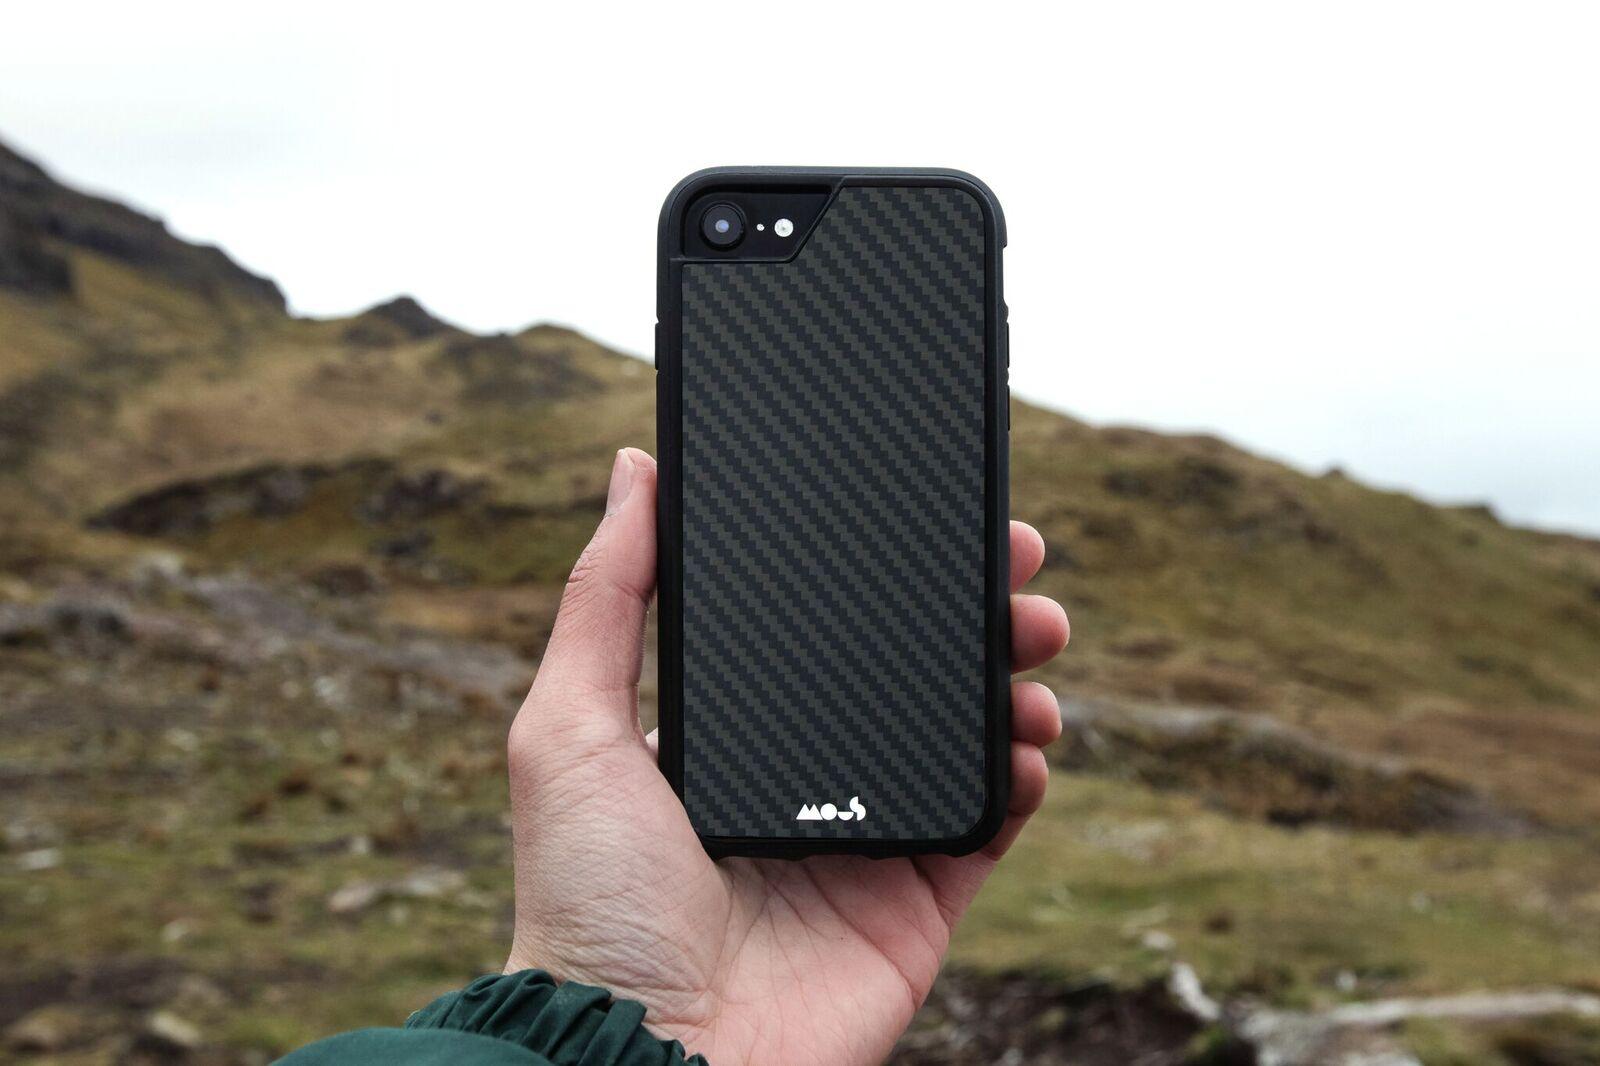 reputable site 099e5 19432 Mous Carbon Fibre iPhone XR Case - Mous iPhone Cases - Mous ...